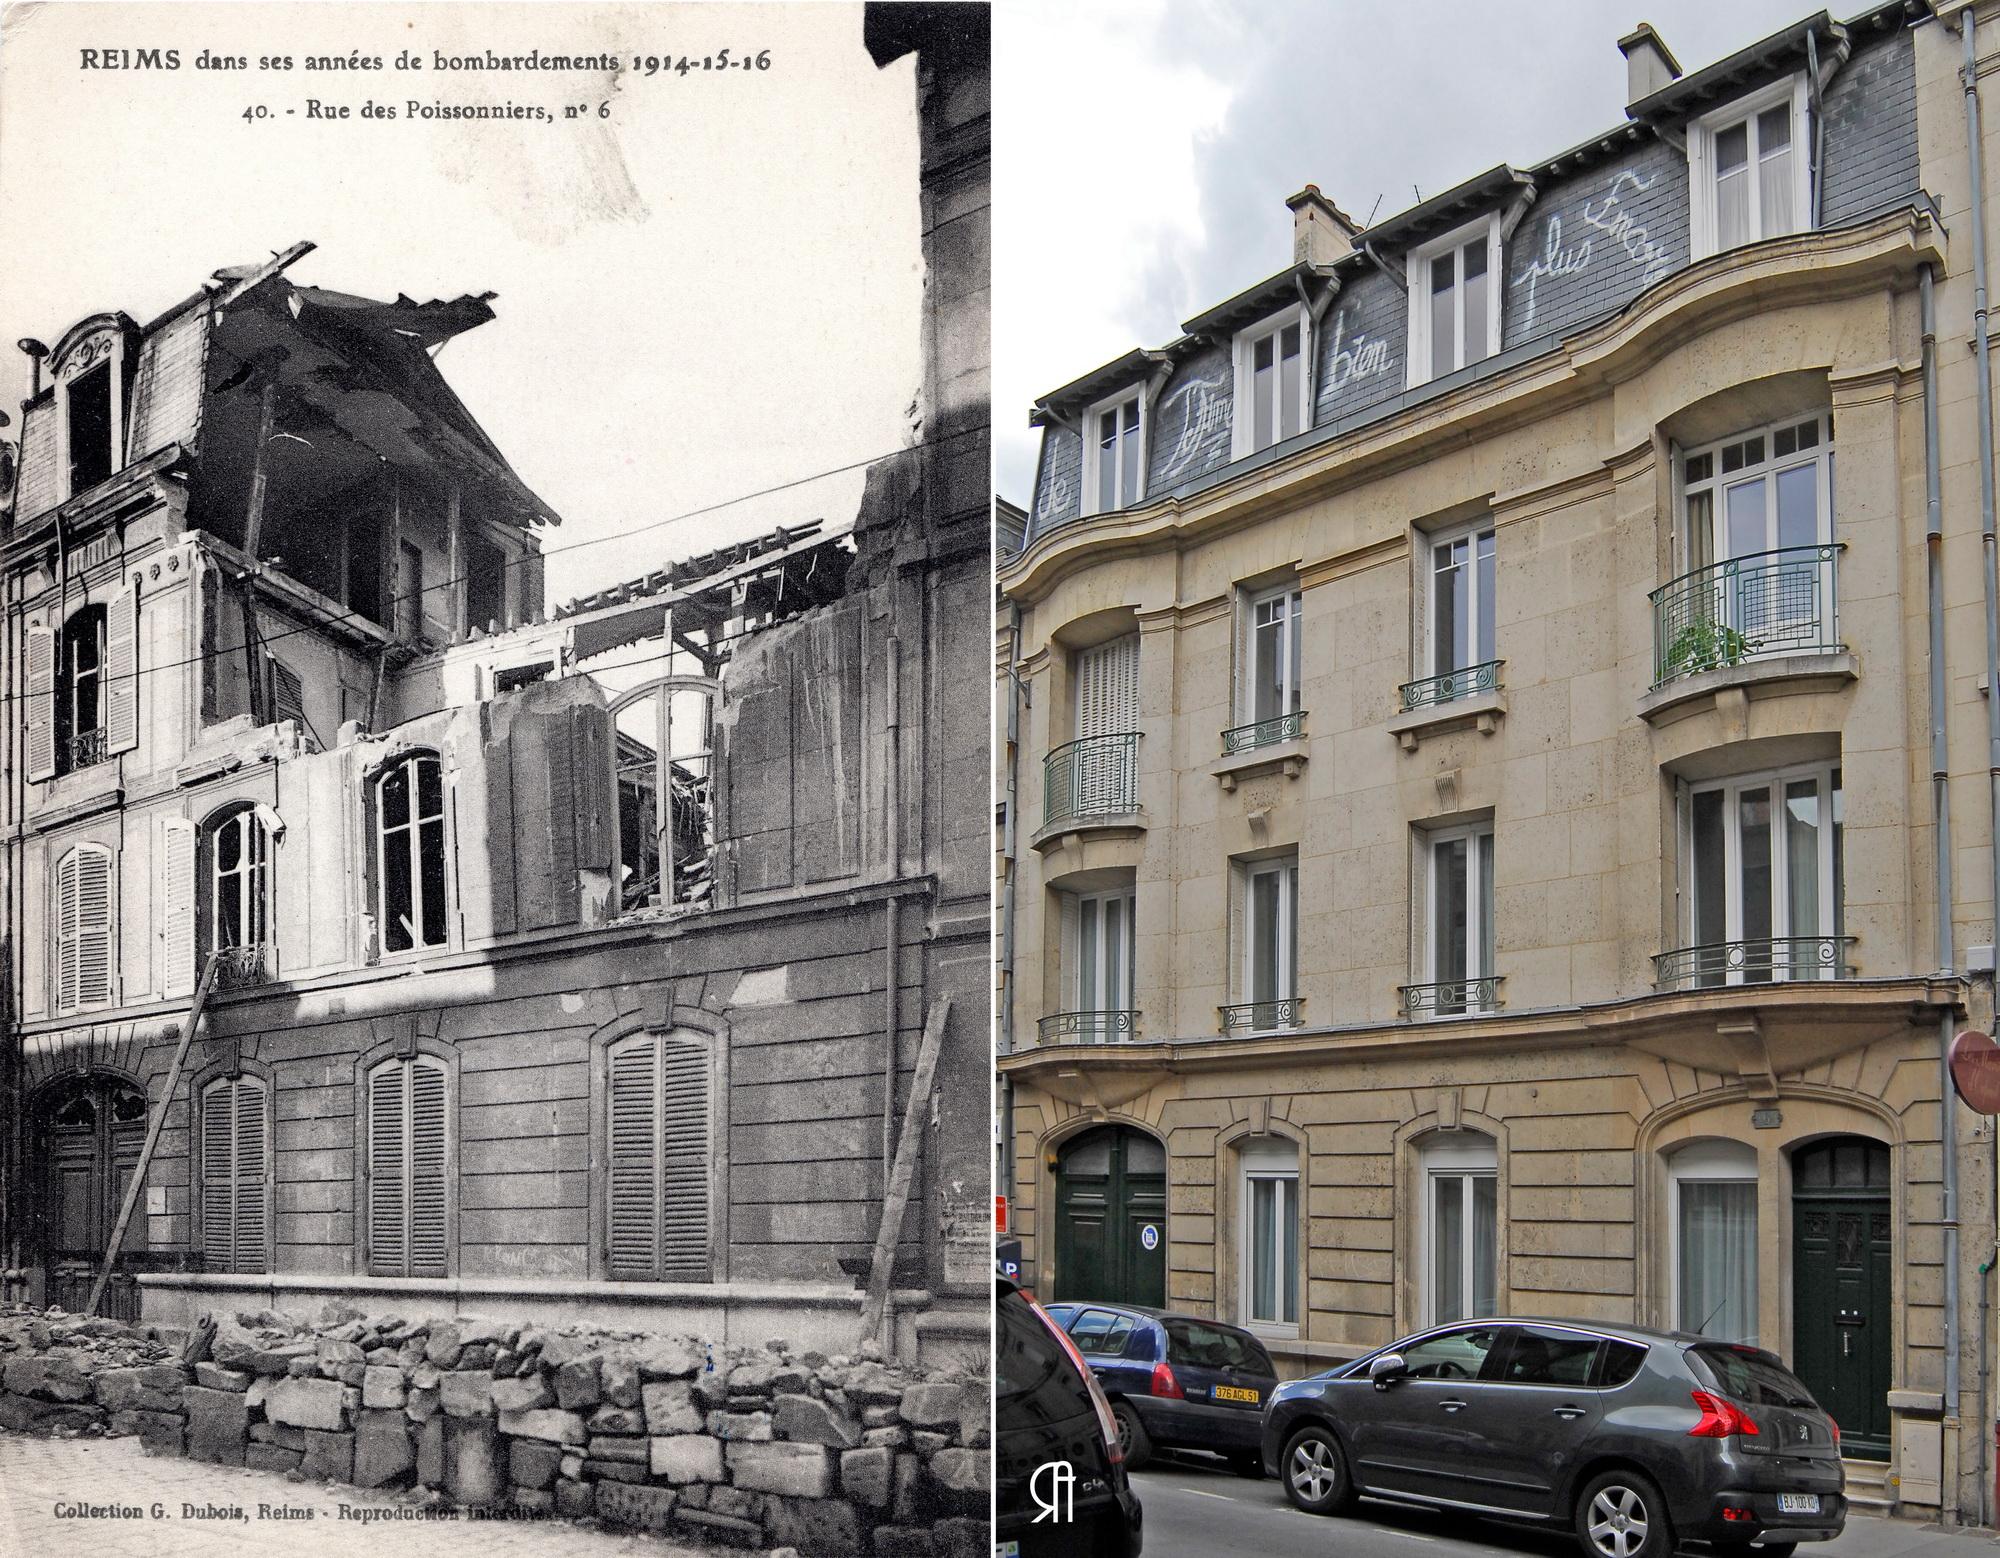 Maison du docteur Bettinger, 6 rue des Poissonniers